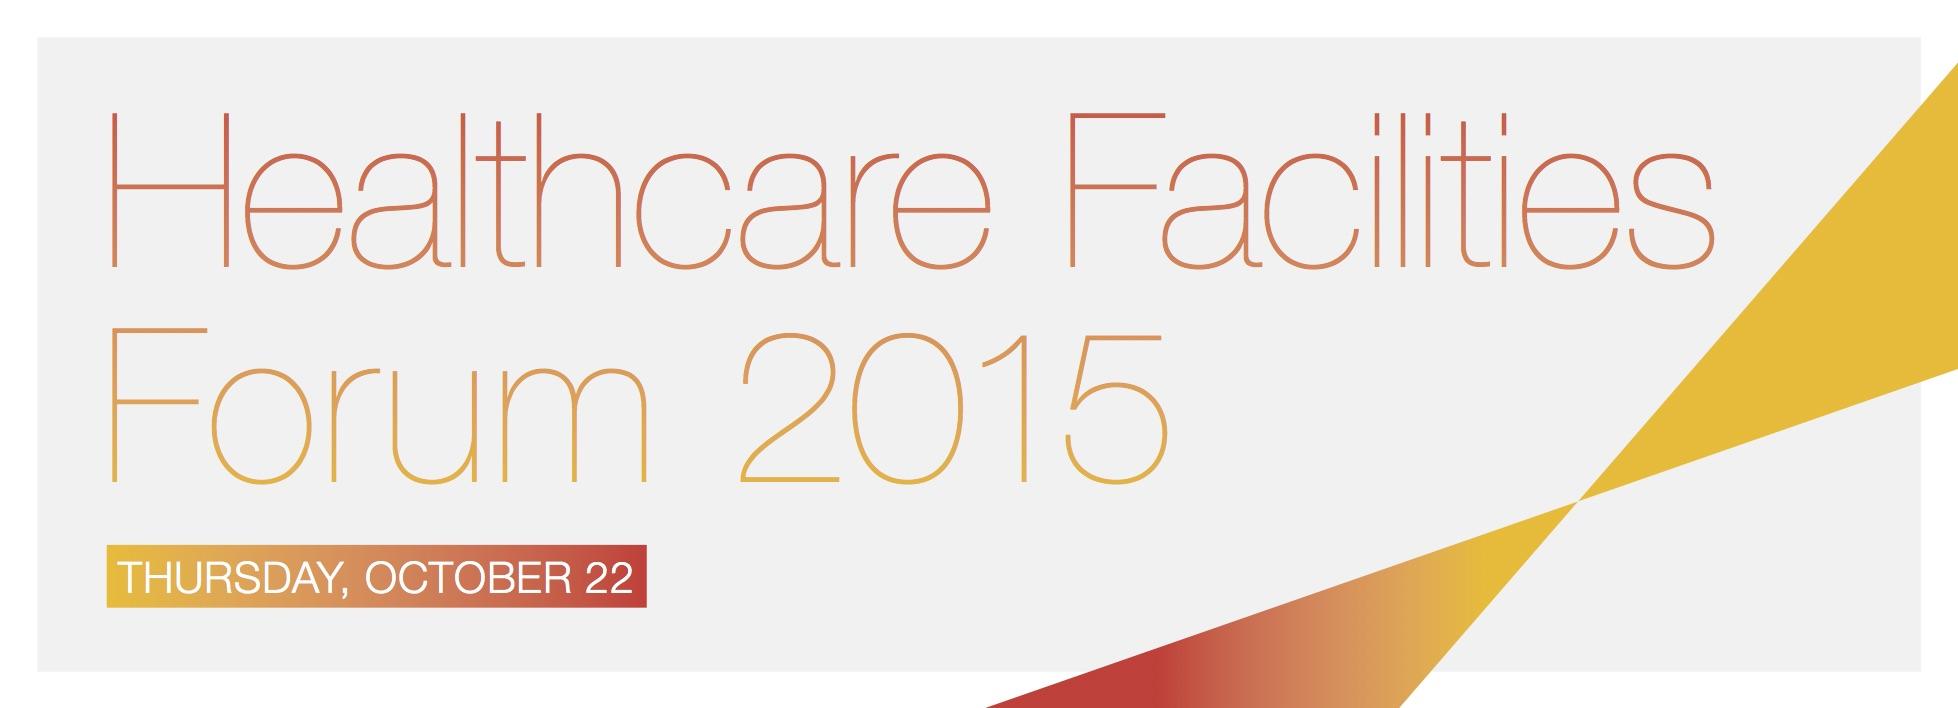 Healthcare Facilities Forum